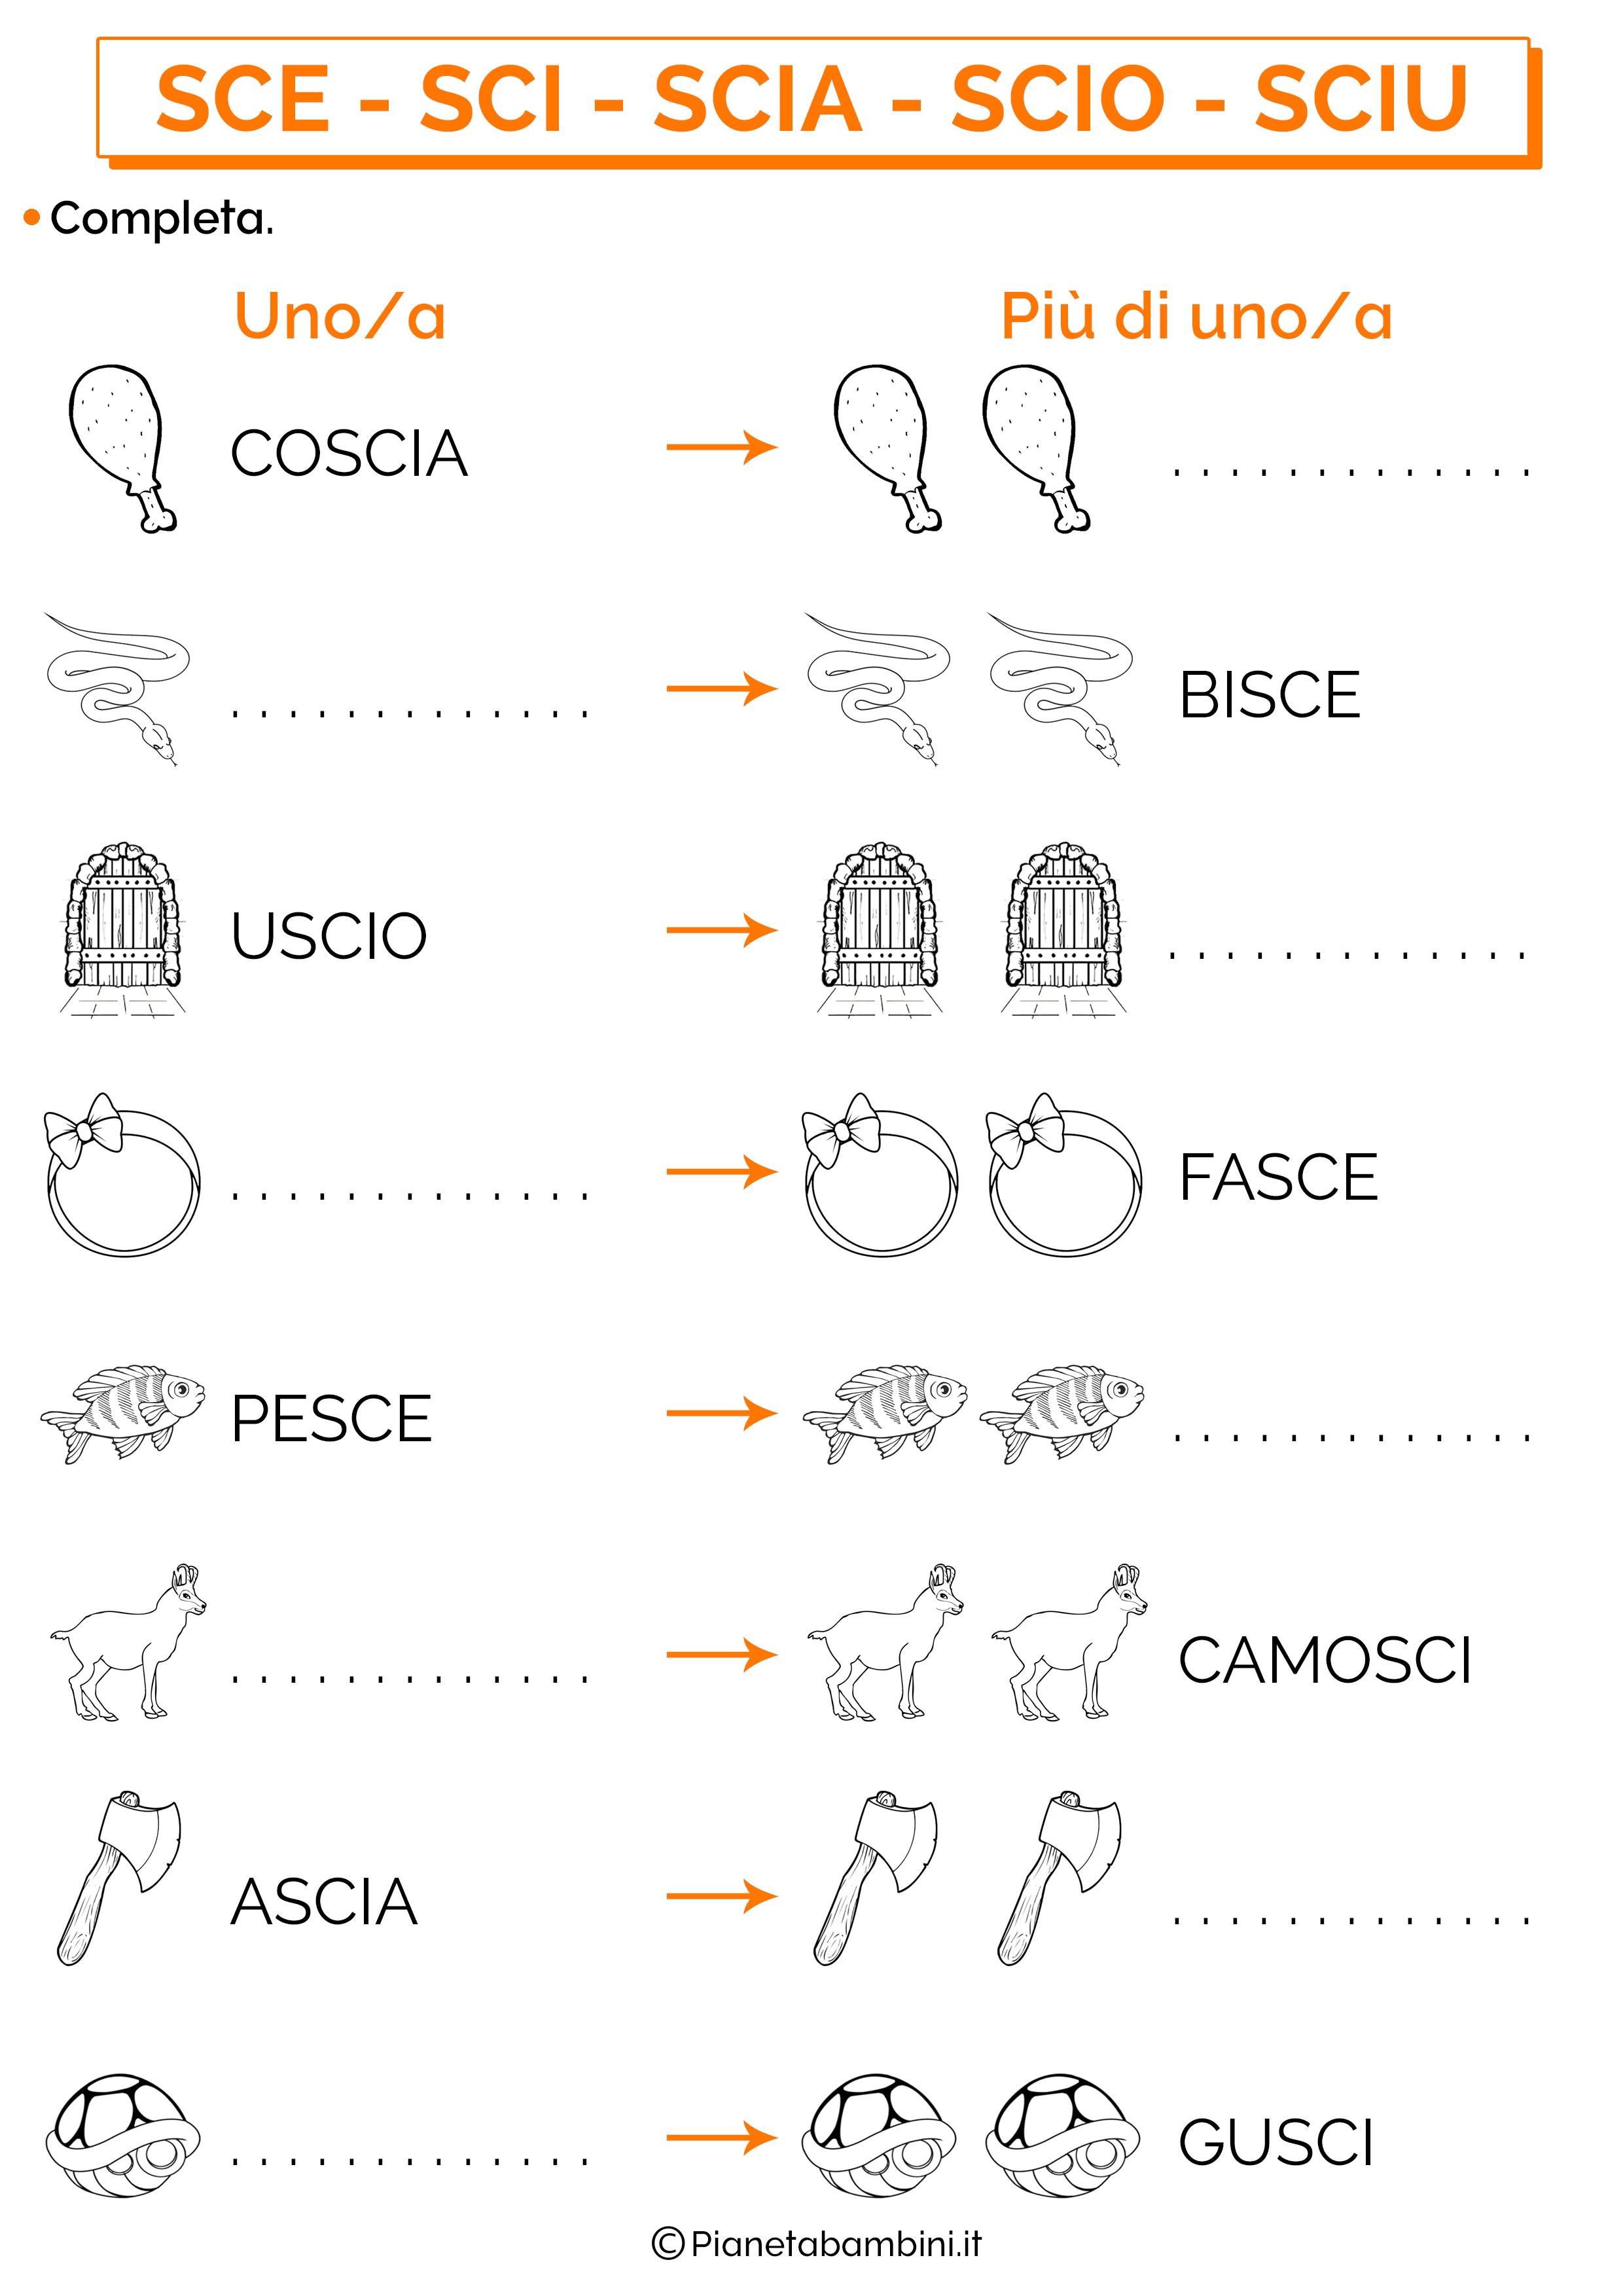 Singolare e plurale Completa parole SCIA-SCIO-SCIU-SCE-SCI